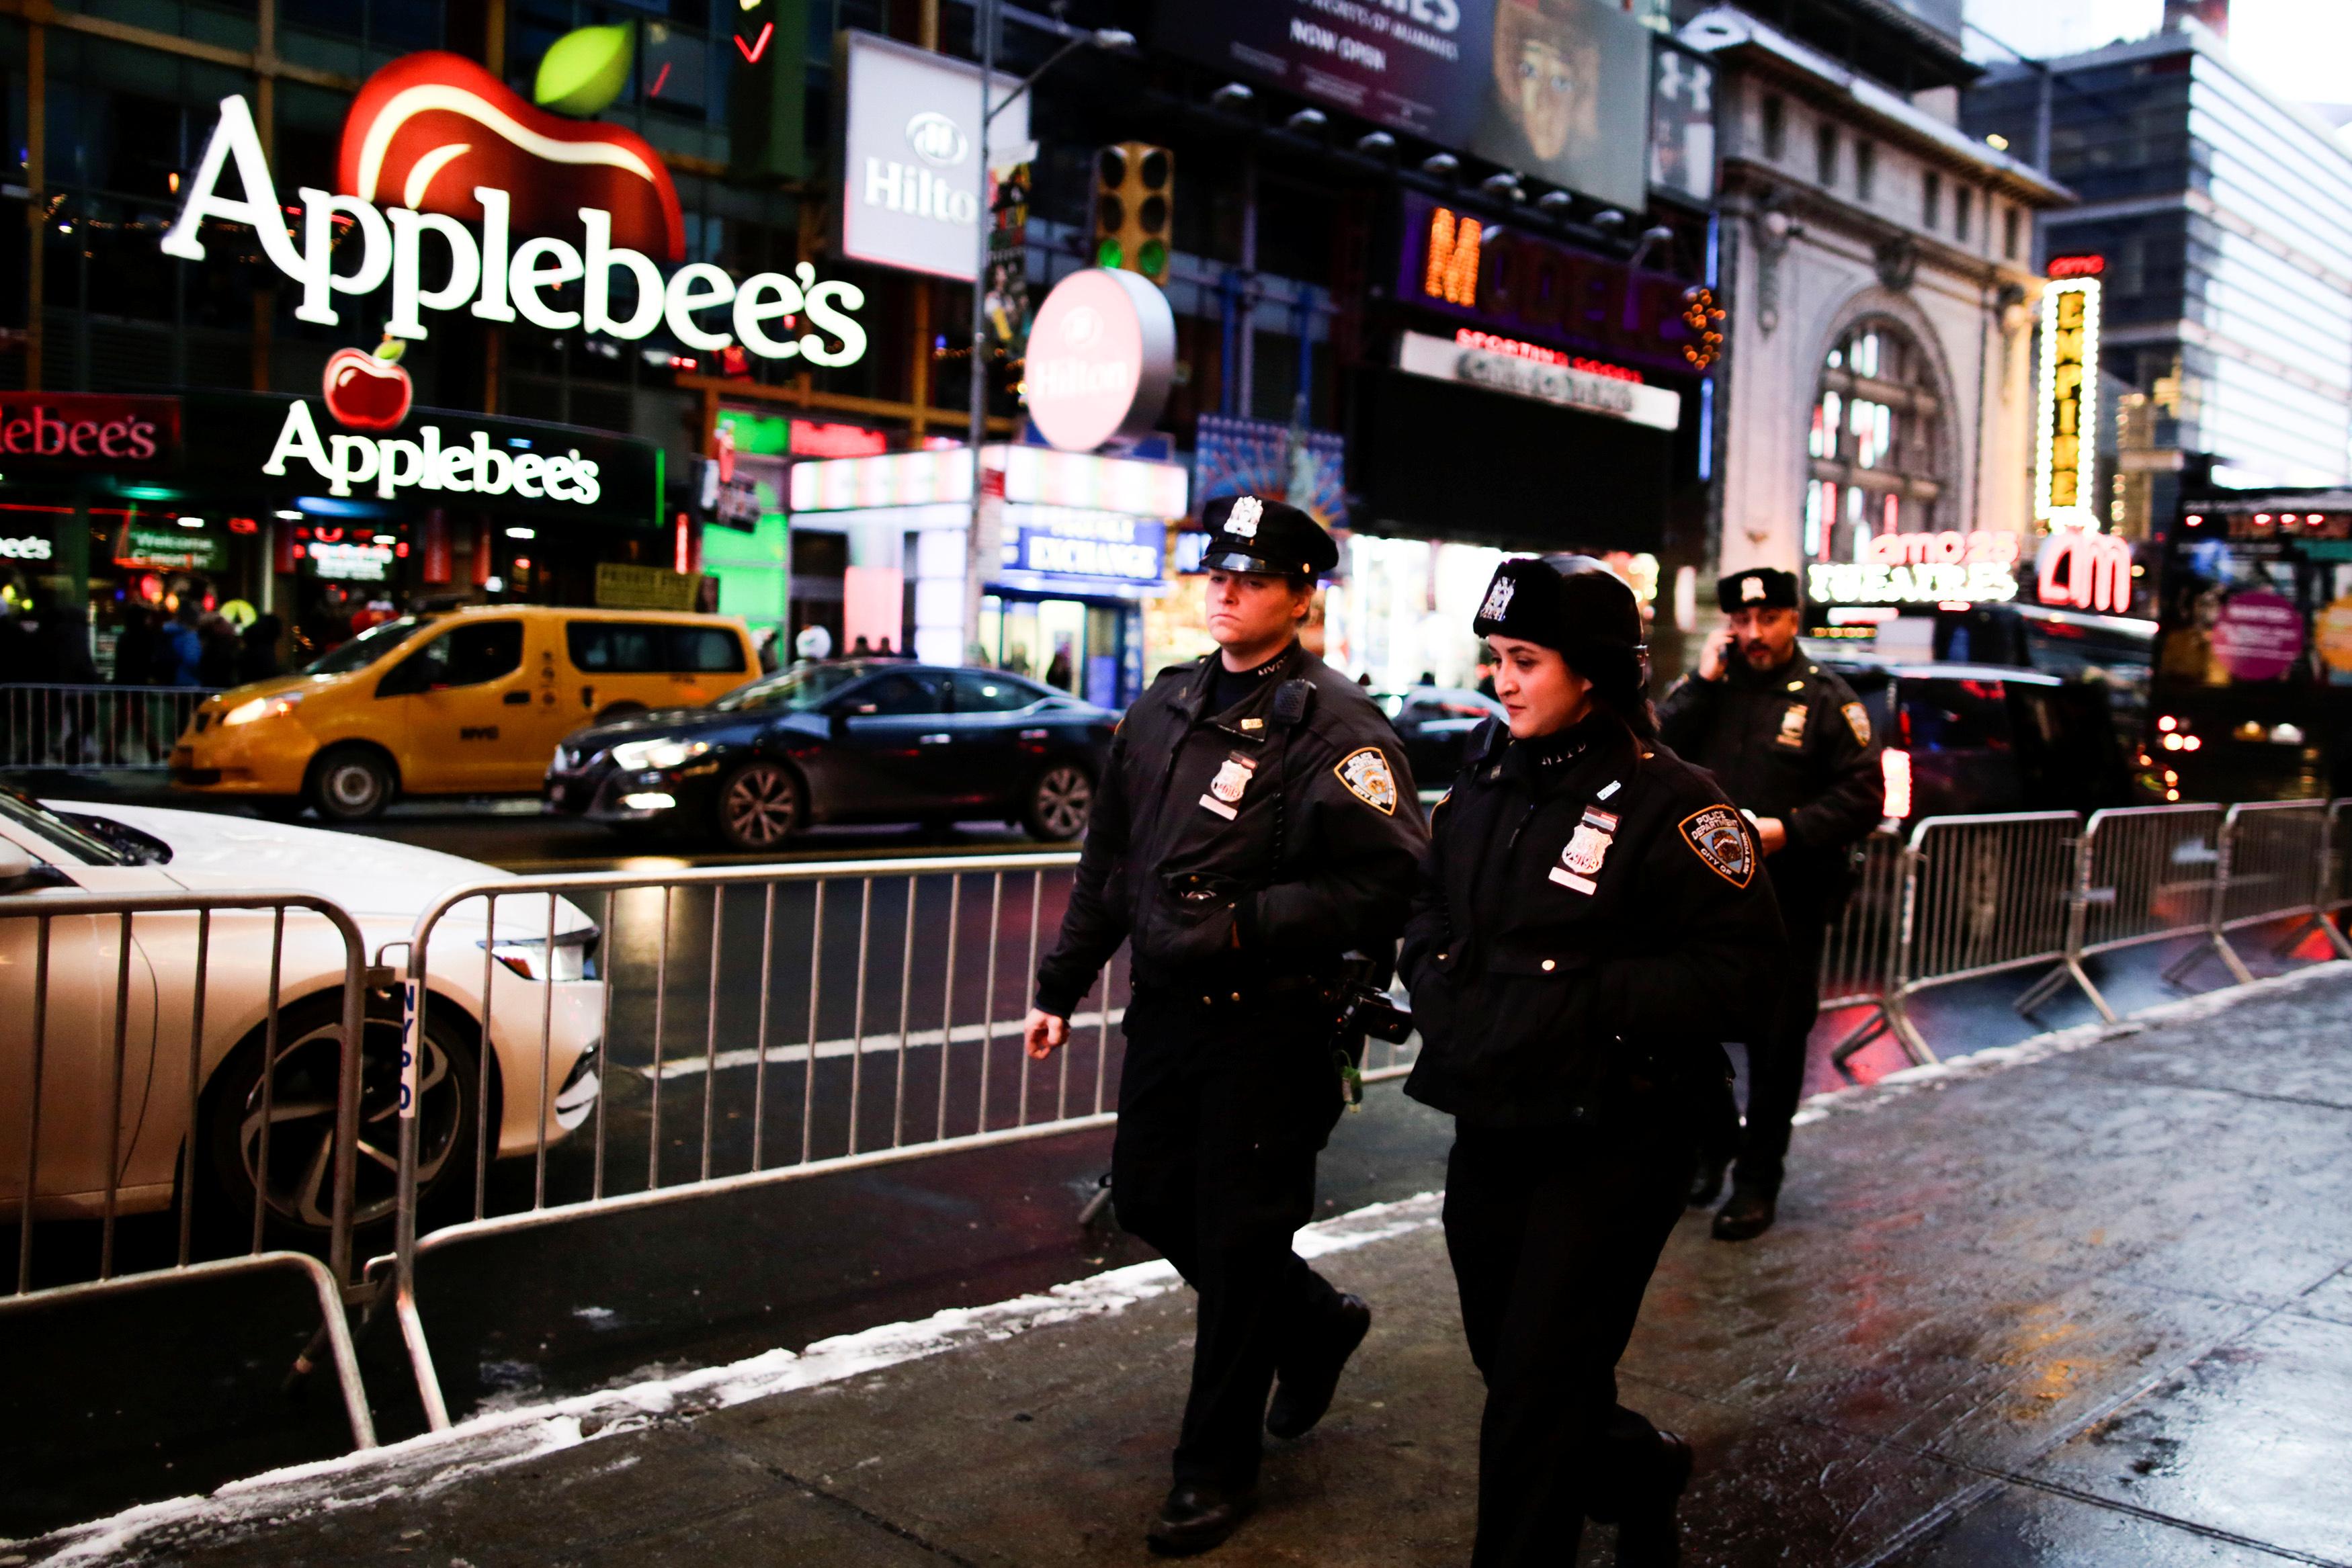 الشرطة الأمريكية تنتشر فى شوارع نيويورك